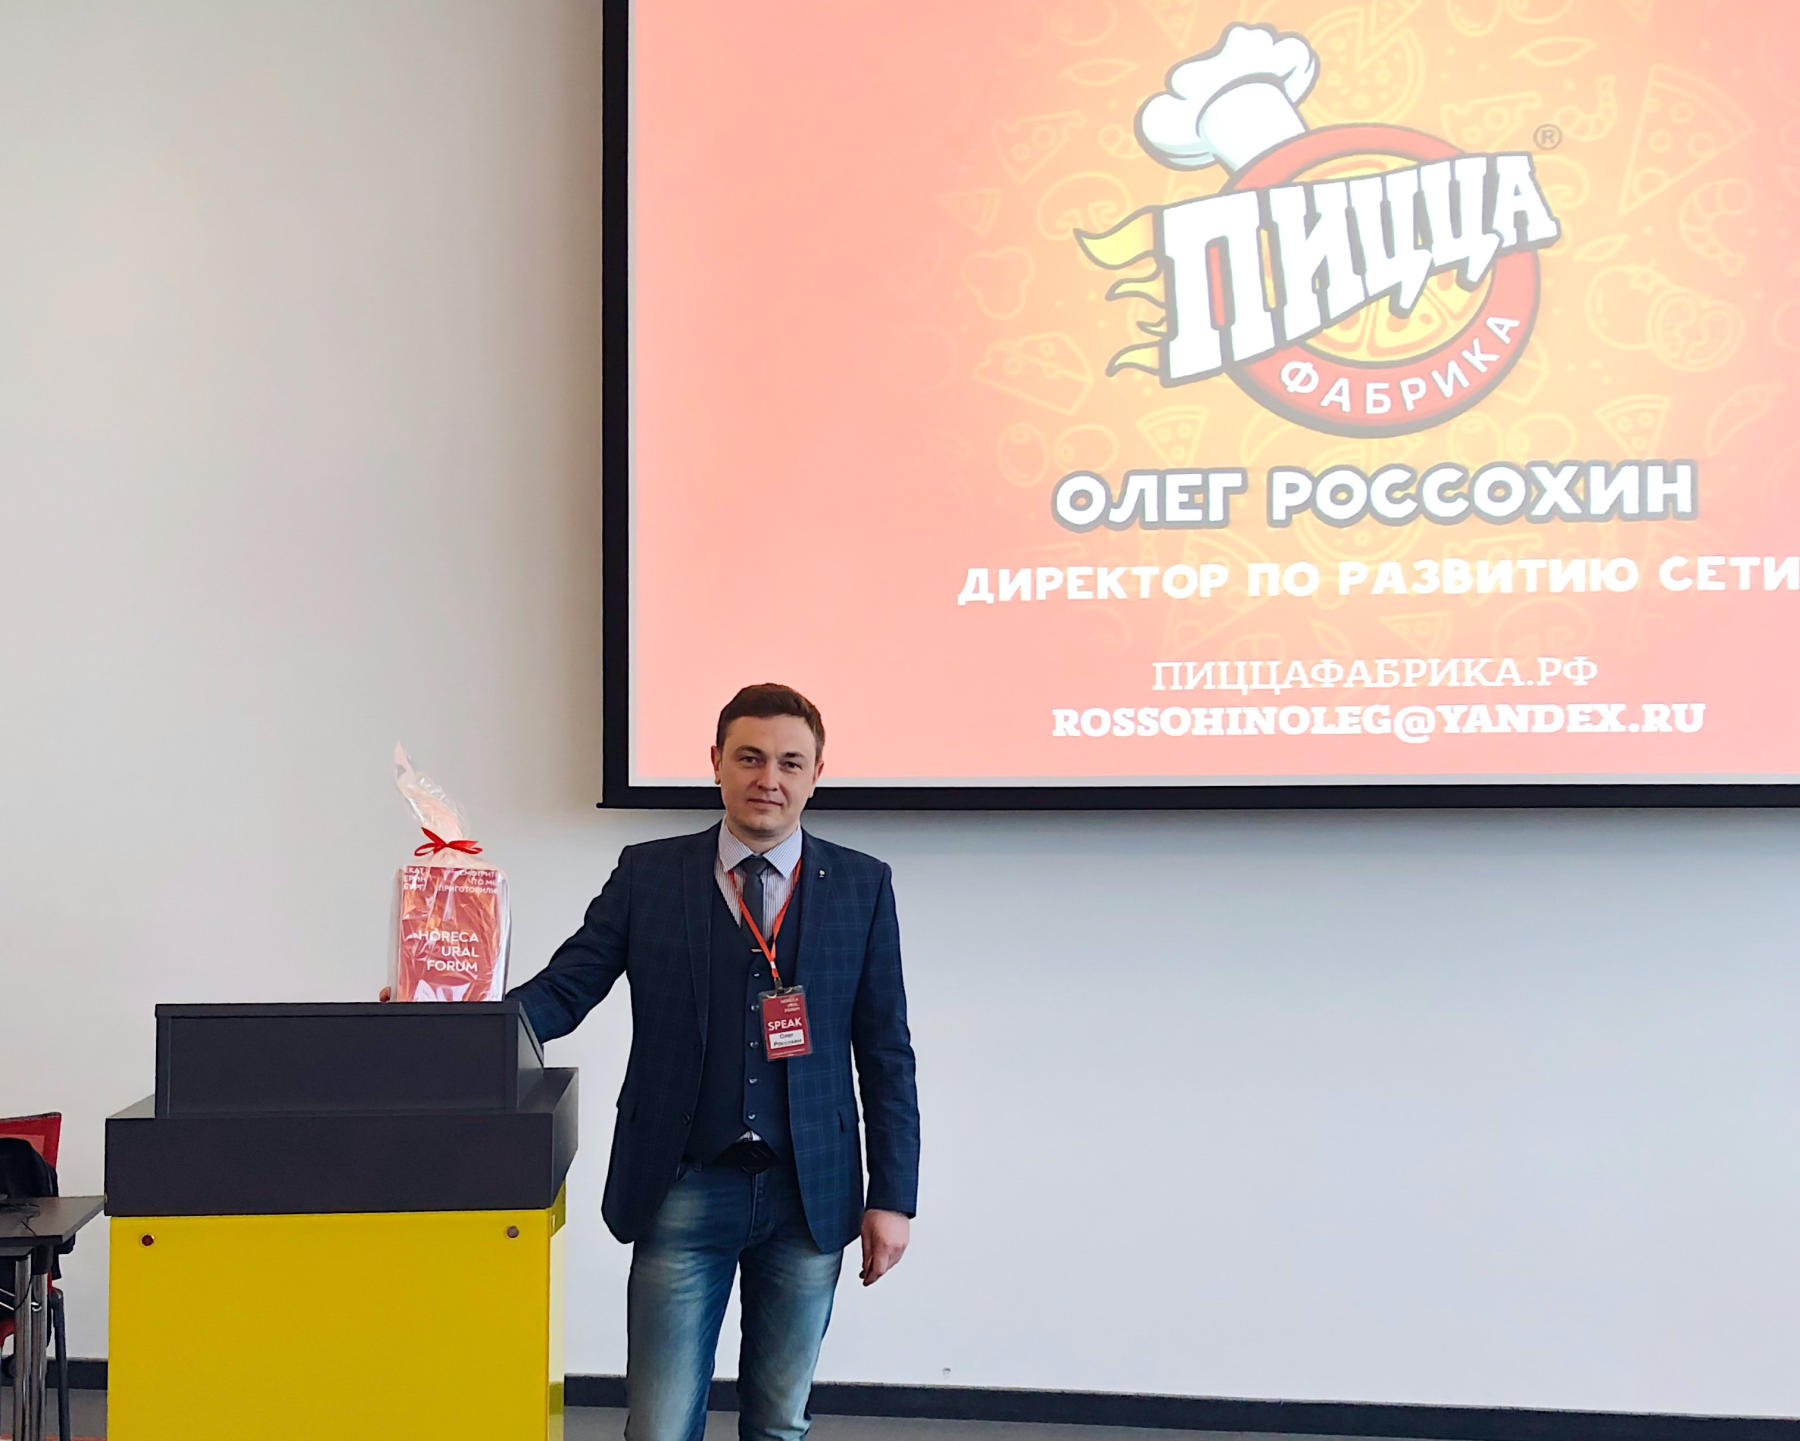 Директор по развитию Олег Россохин на конференции